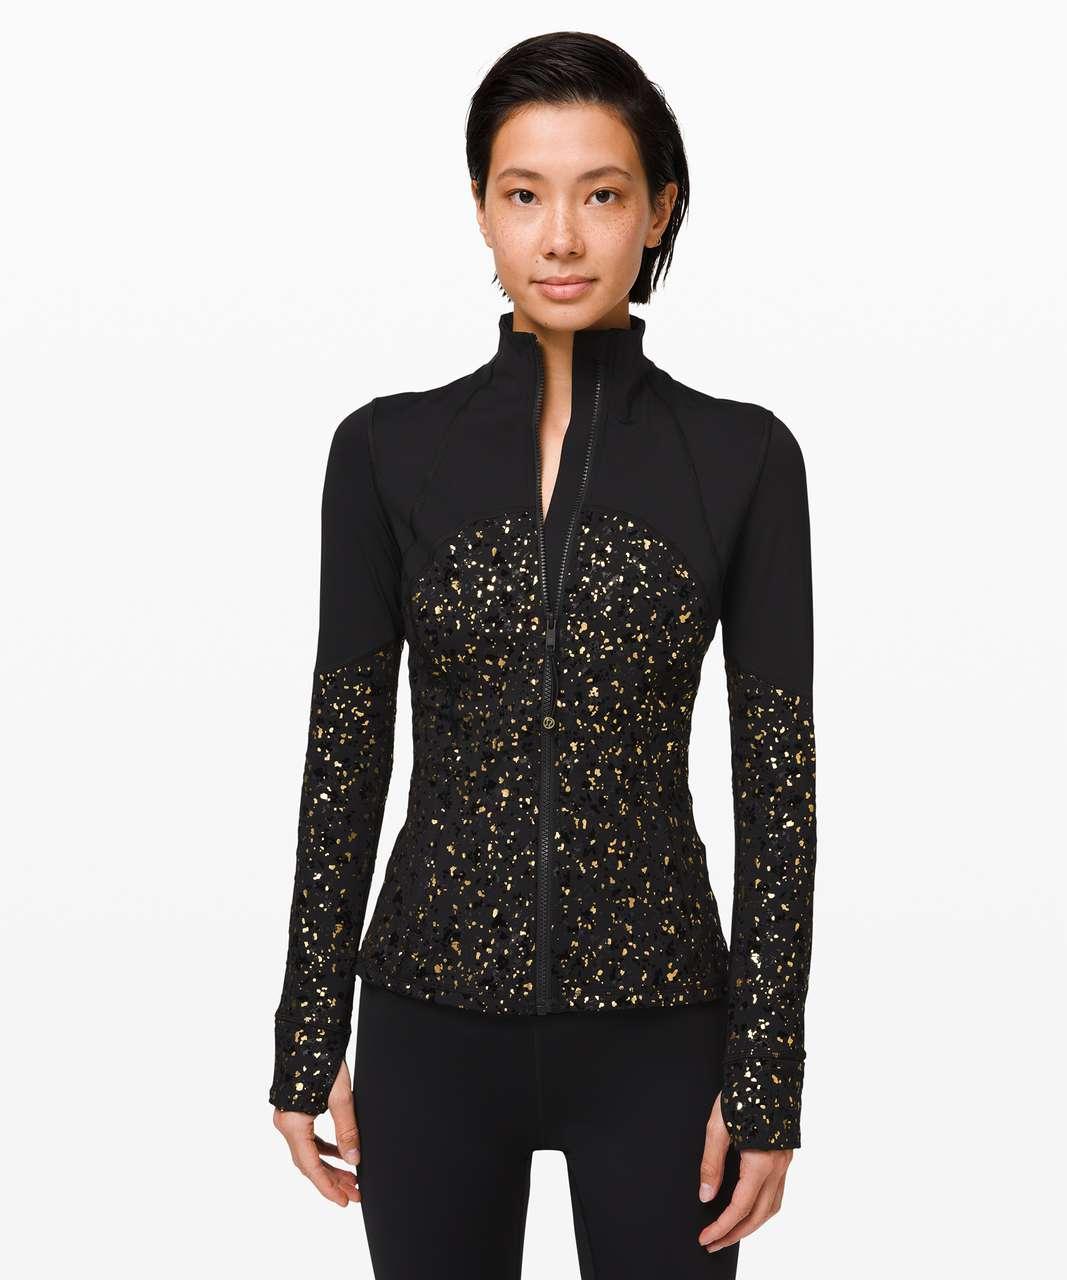 Lululemon Define Jacket *Lunar New Year - Black / Black / Gold